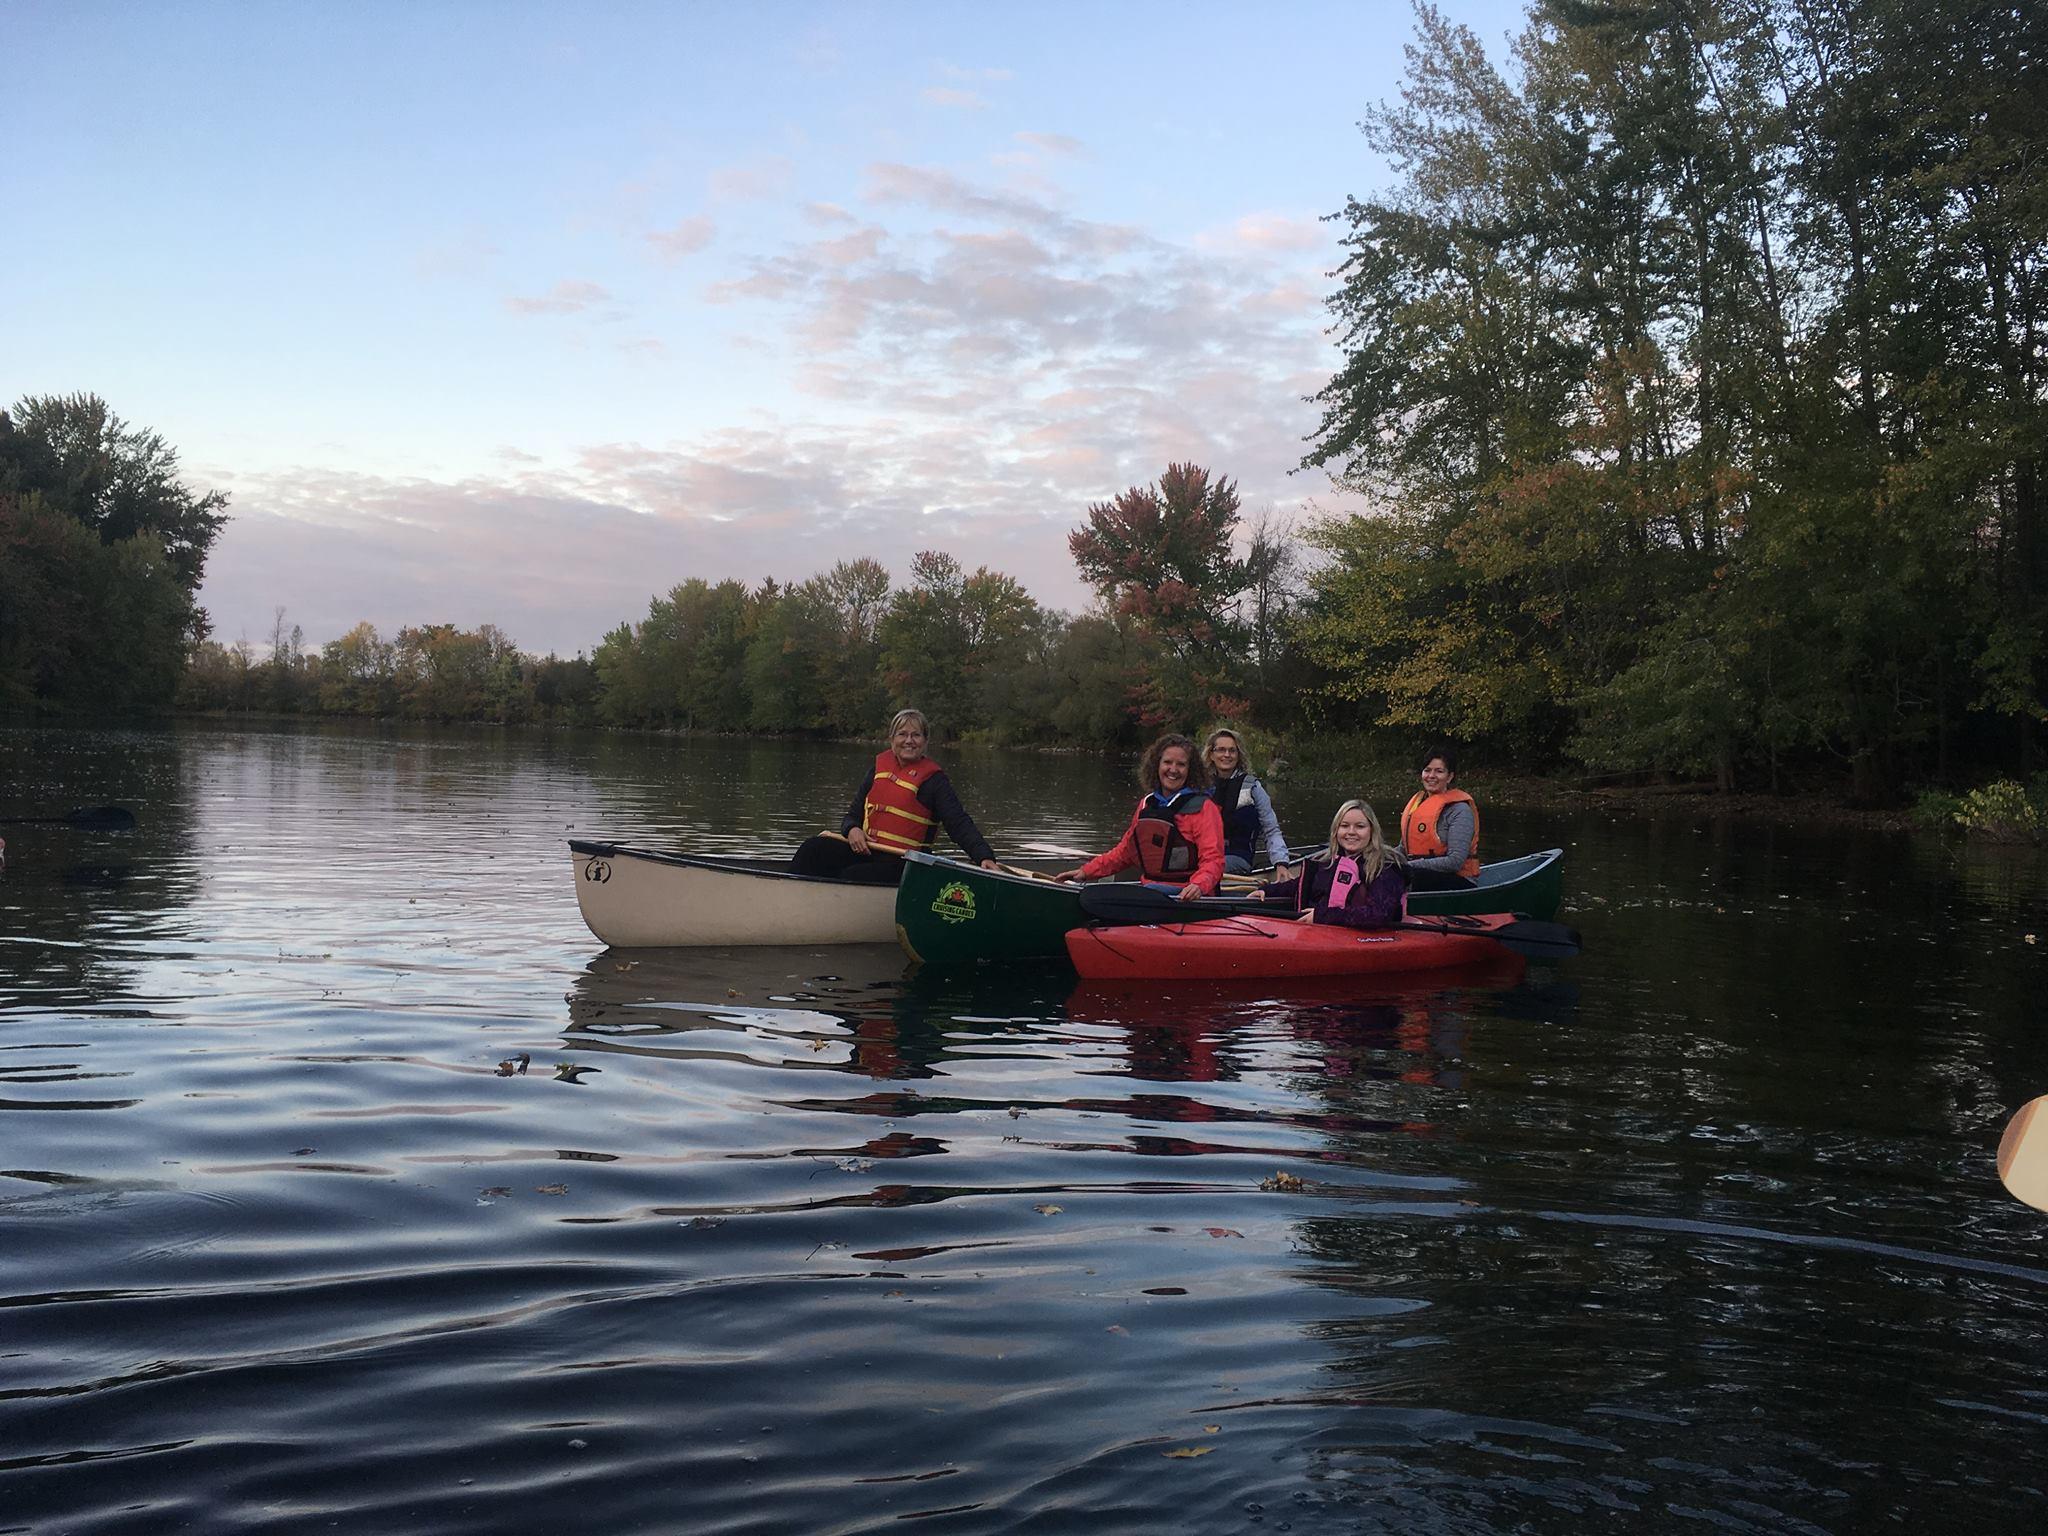 People on kayaks in Moira River